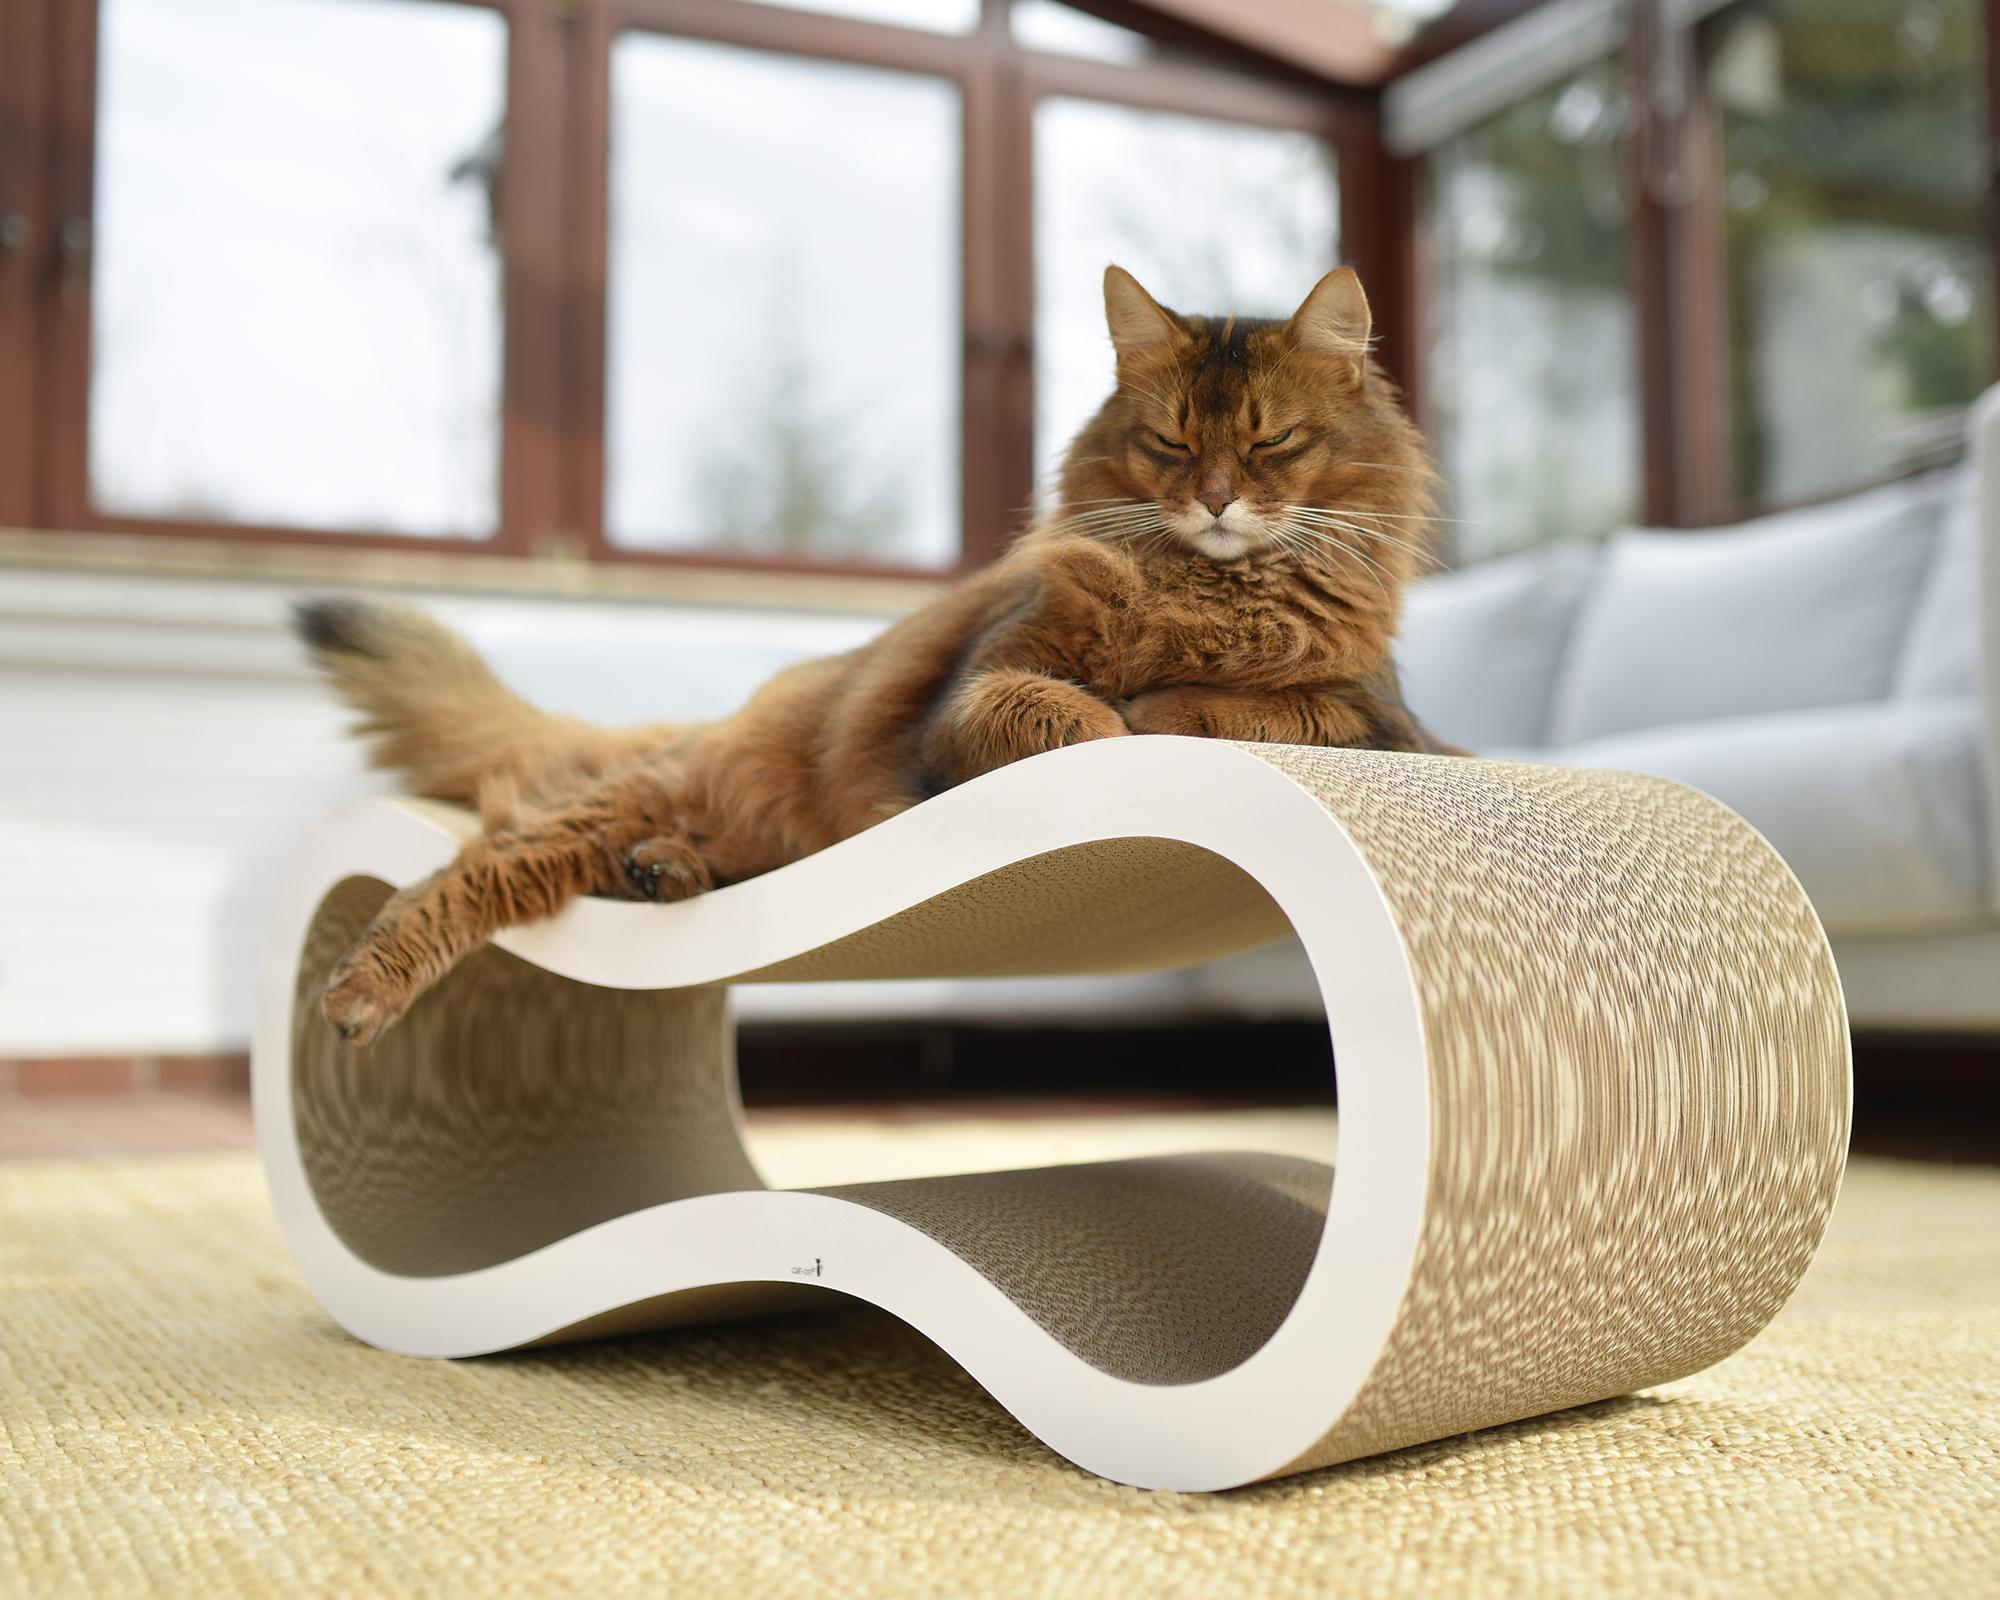 Kratzmöbel für Katzen Singha Large - multifunktionales Kratzmöbel für Katzen aus fsc-zertifizierter Kratzpappe Made in Germany